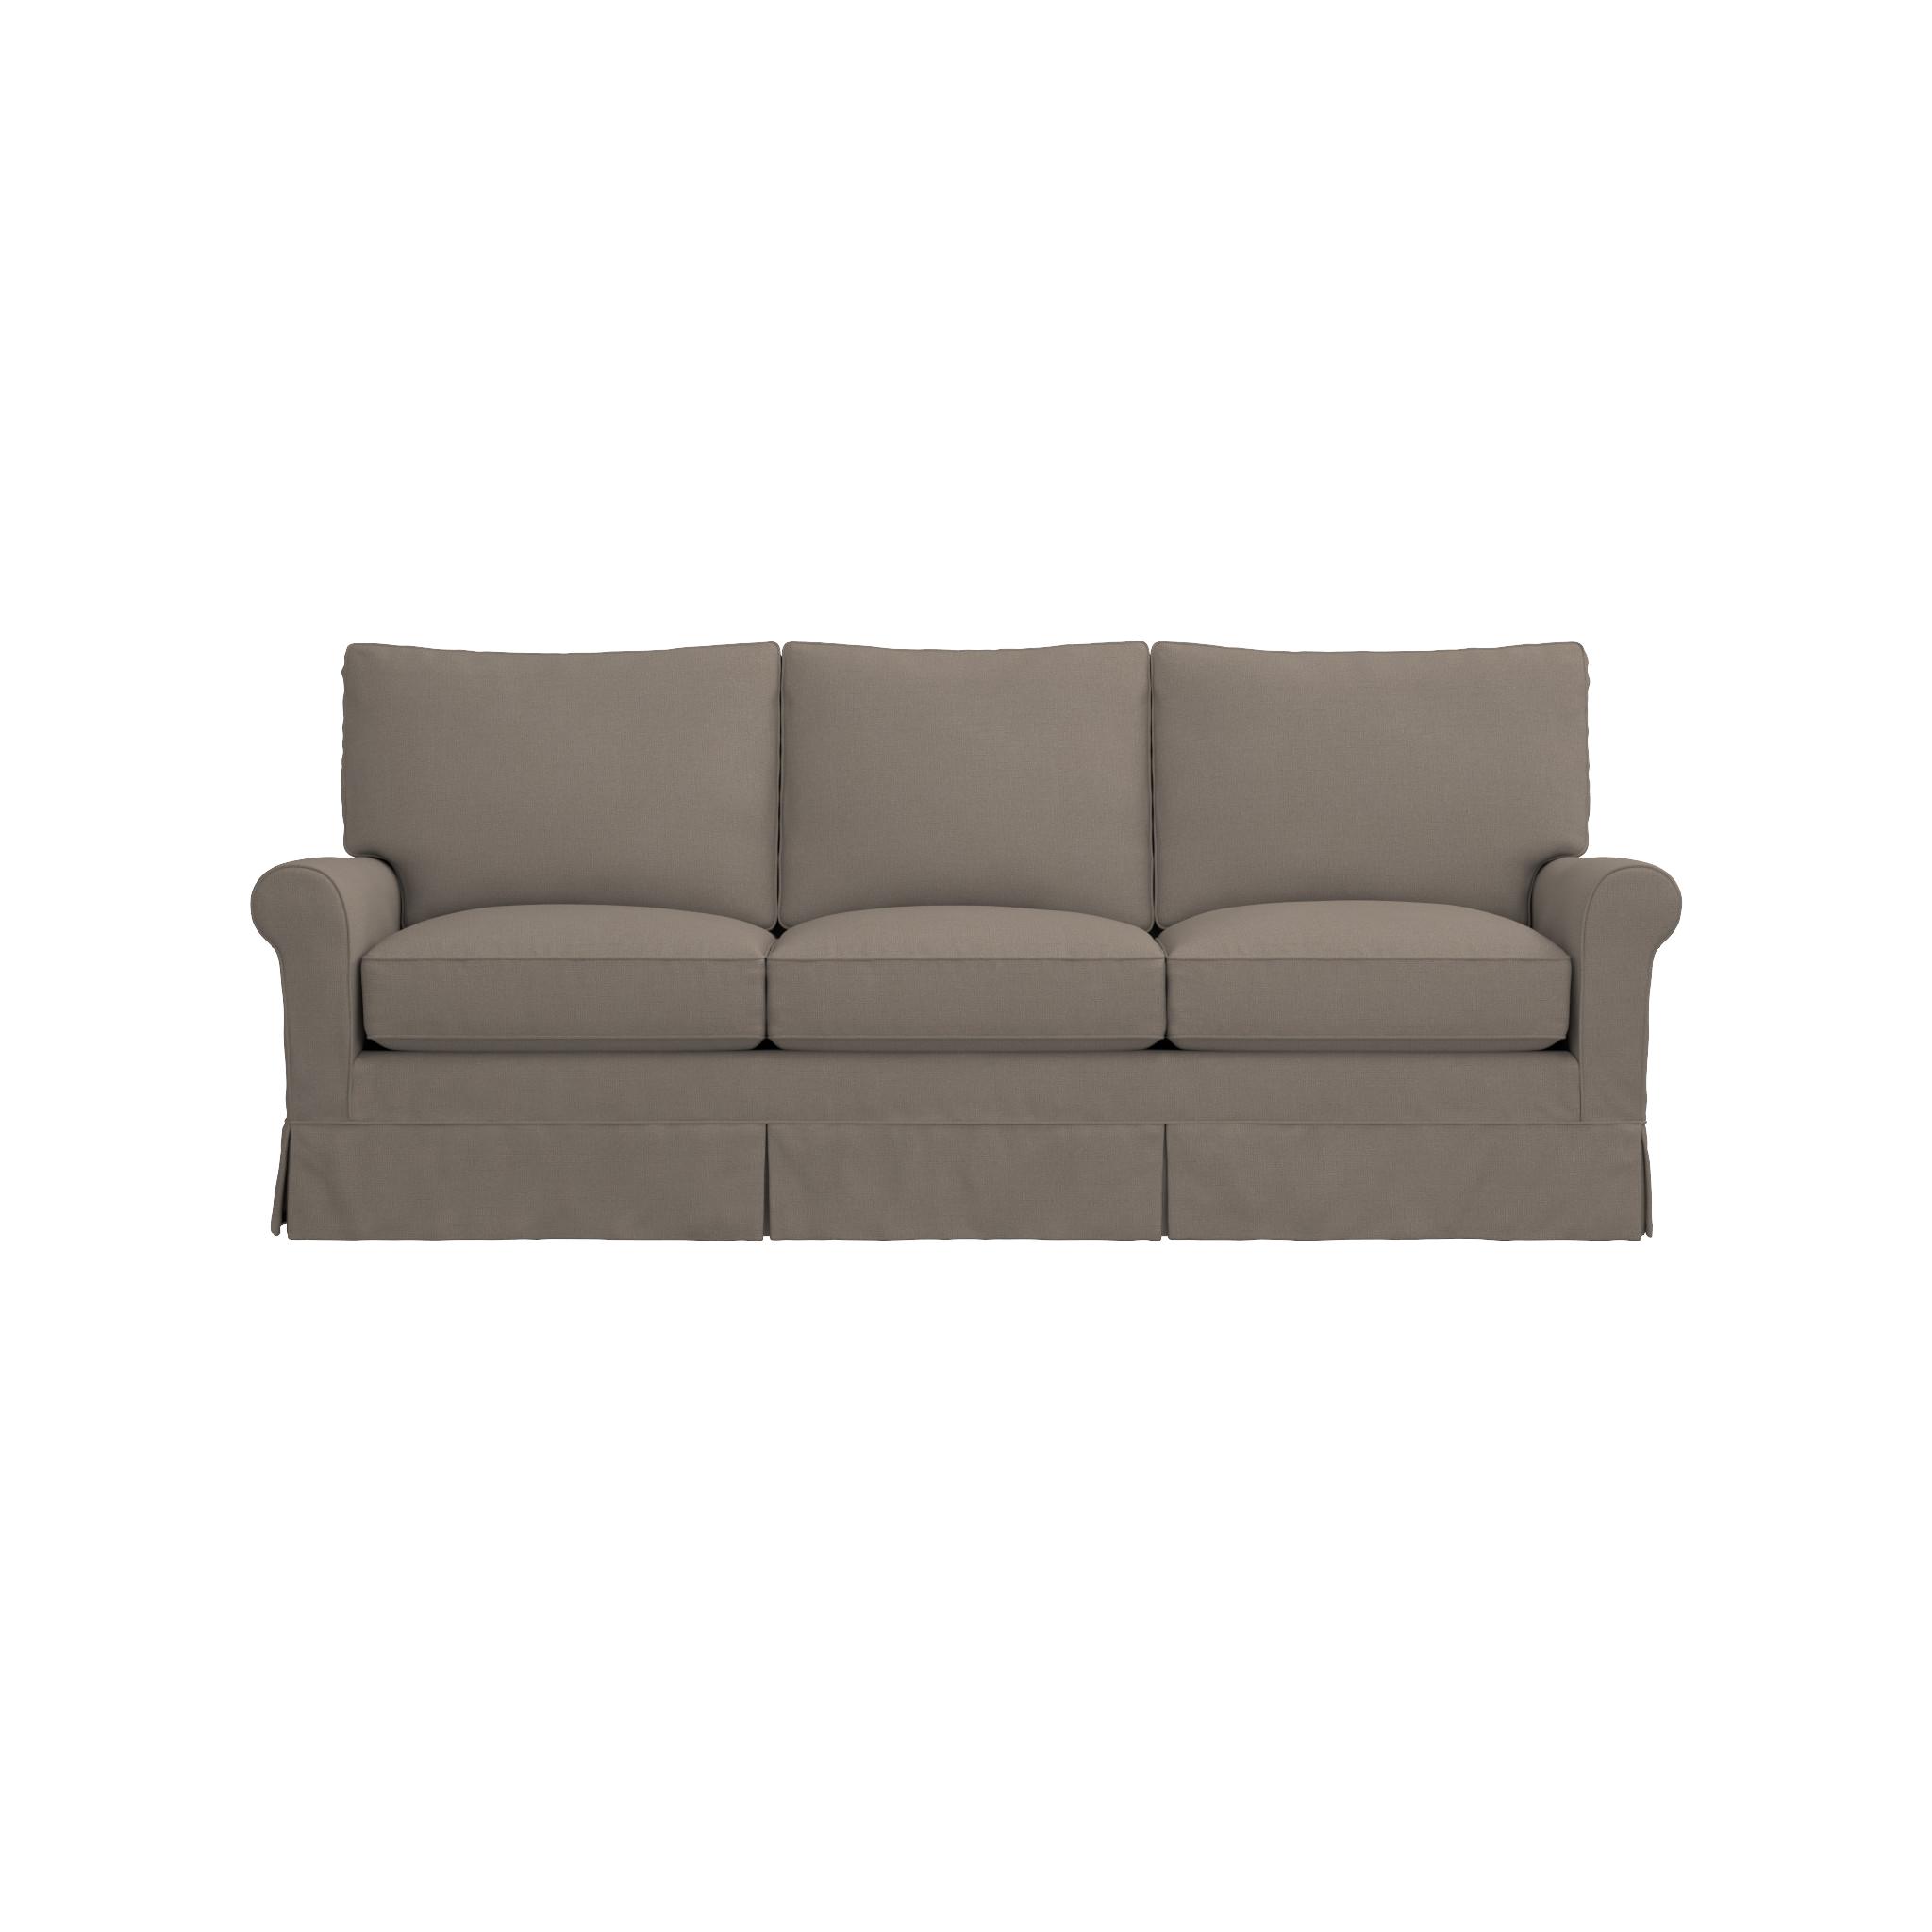 Harborside Slipcovered 3 Seat Sofa